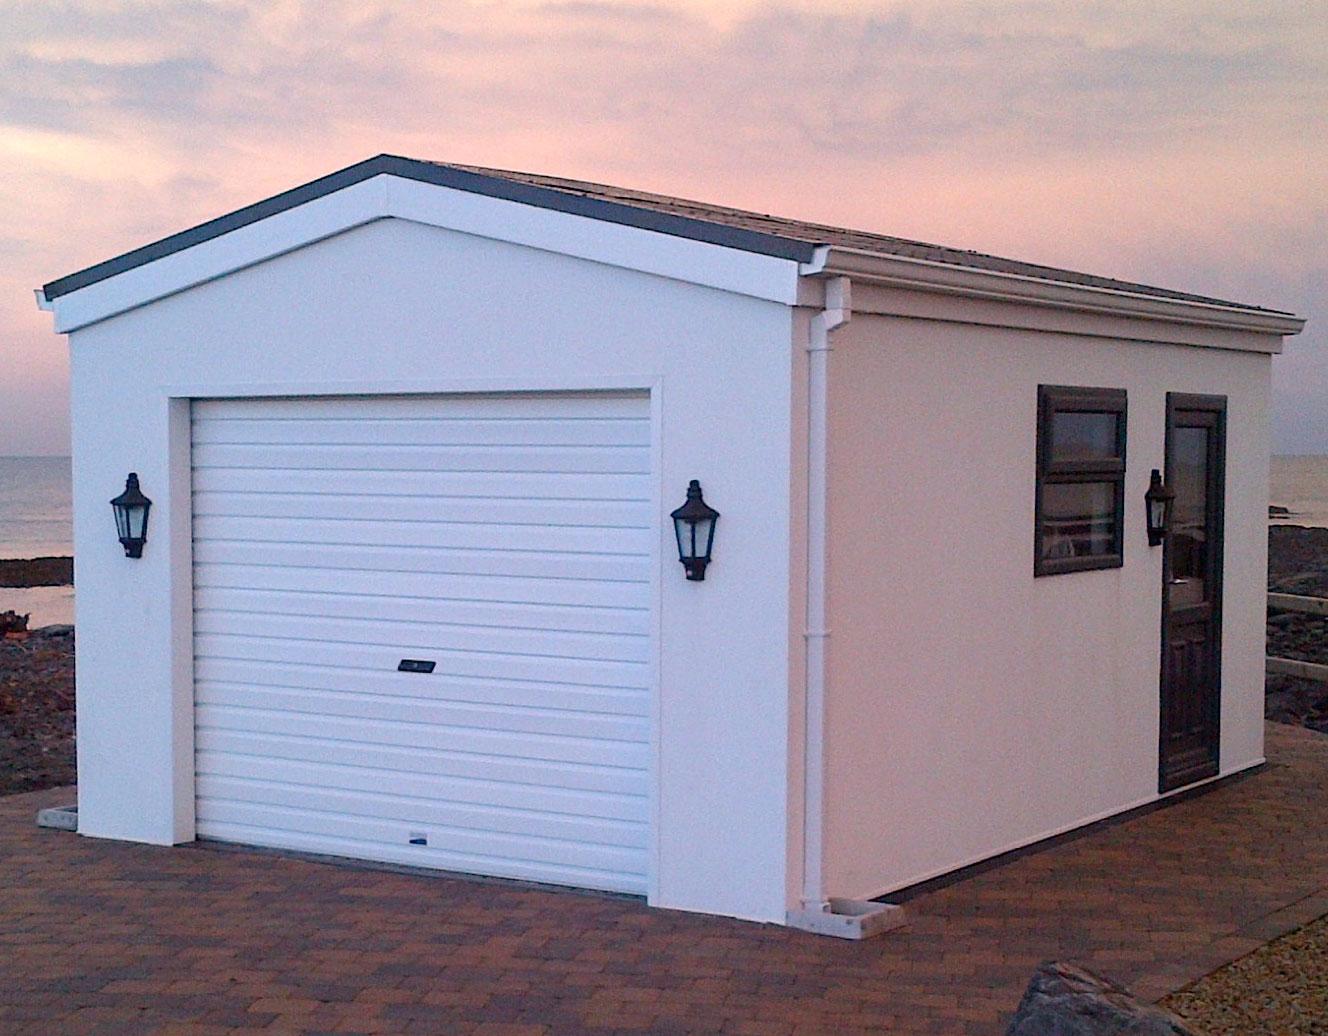 Modular garages ireland ppi blog for Prefab work shed